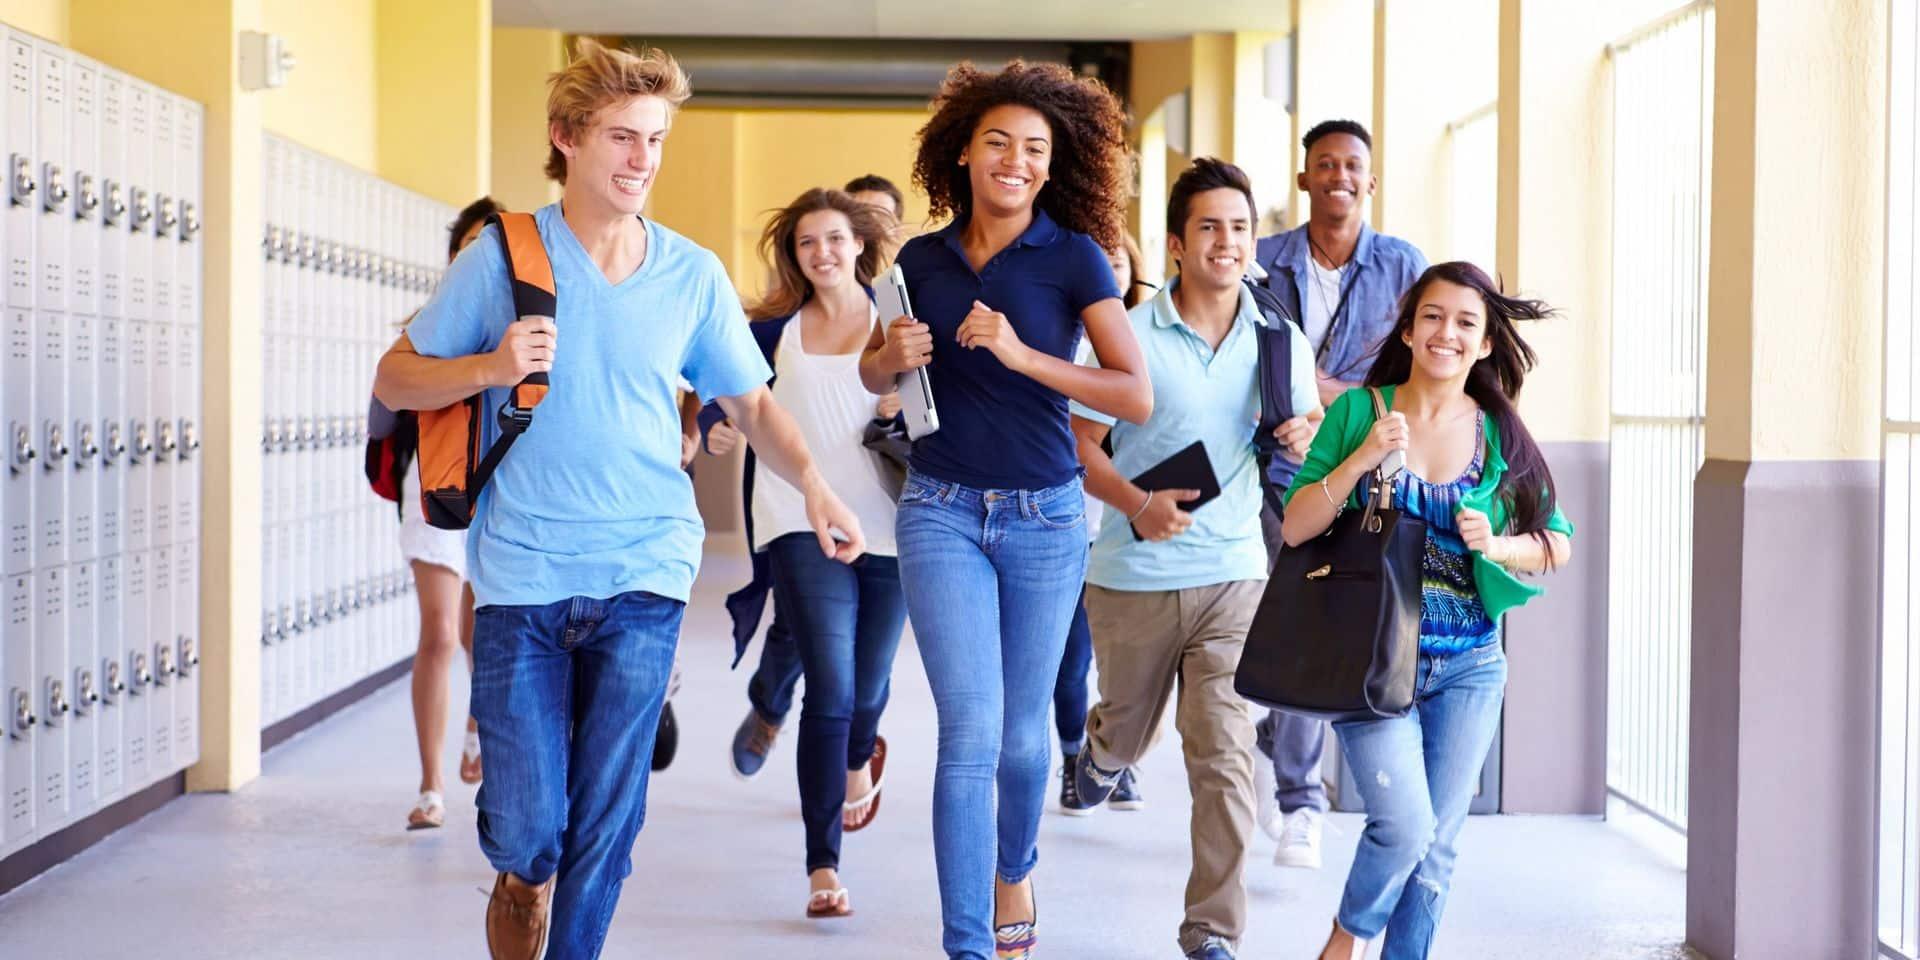 Les activités extérieures sont à nouveau autorisées pour les élèves du secondaire